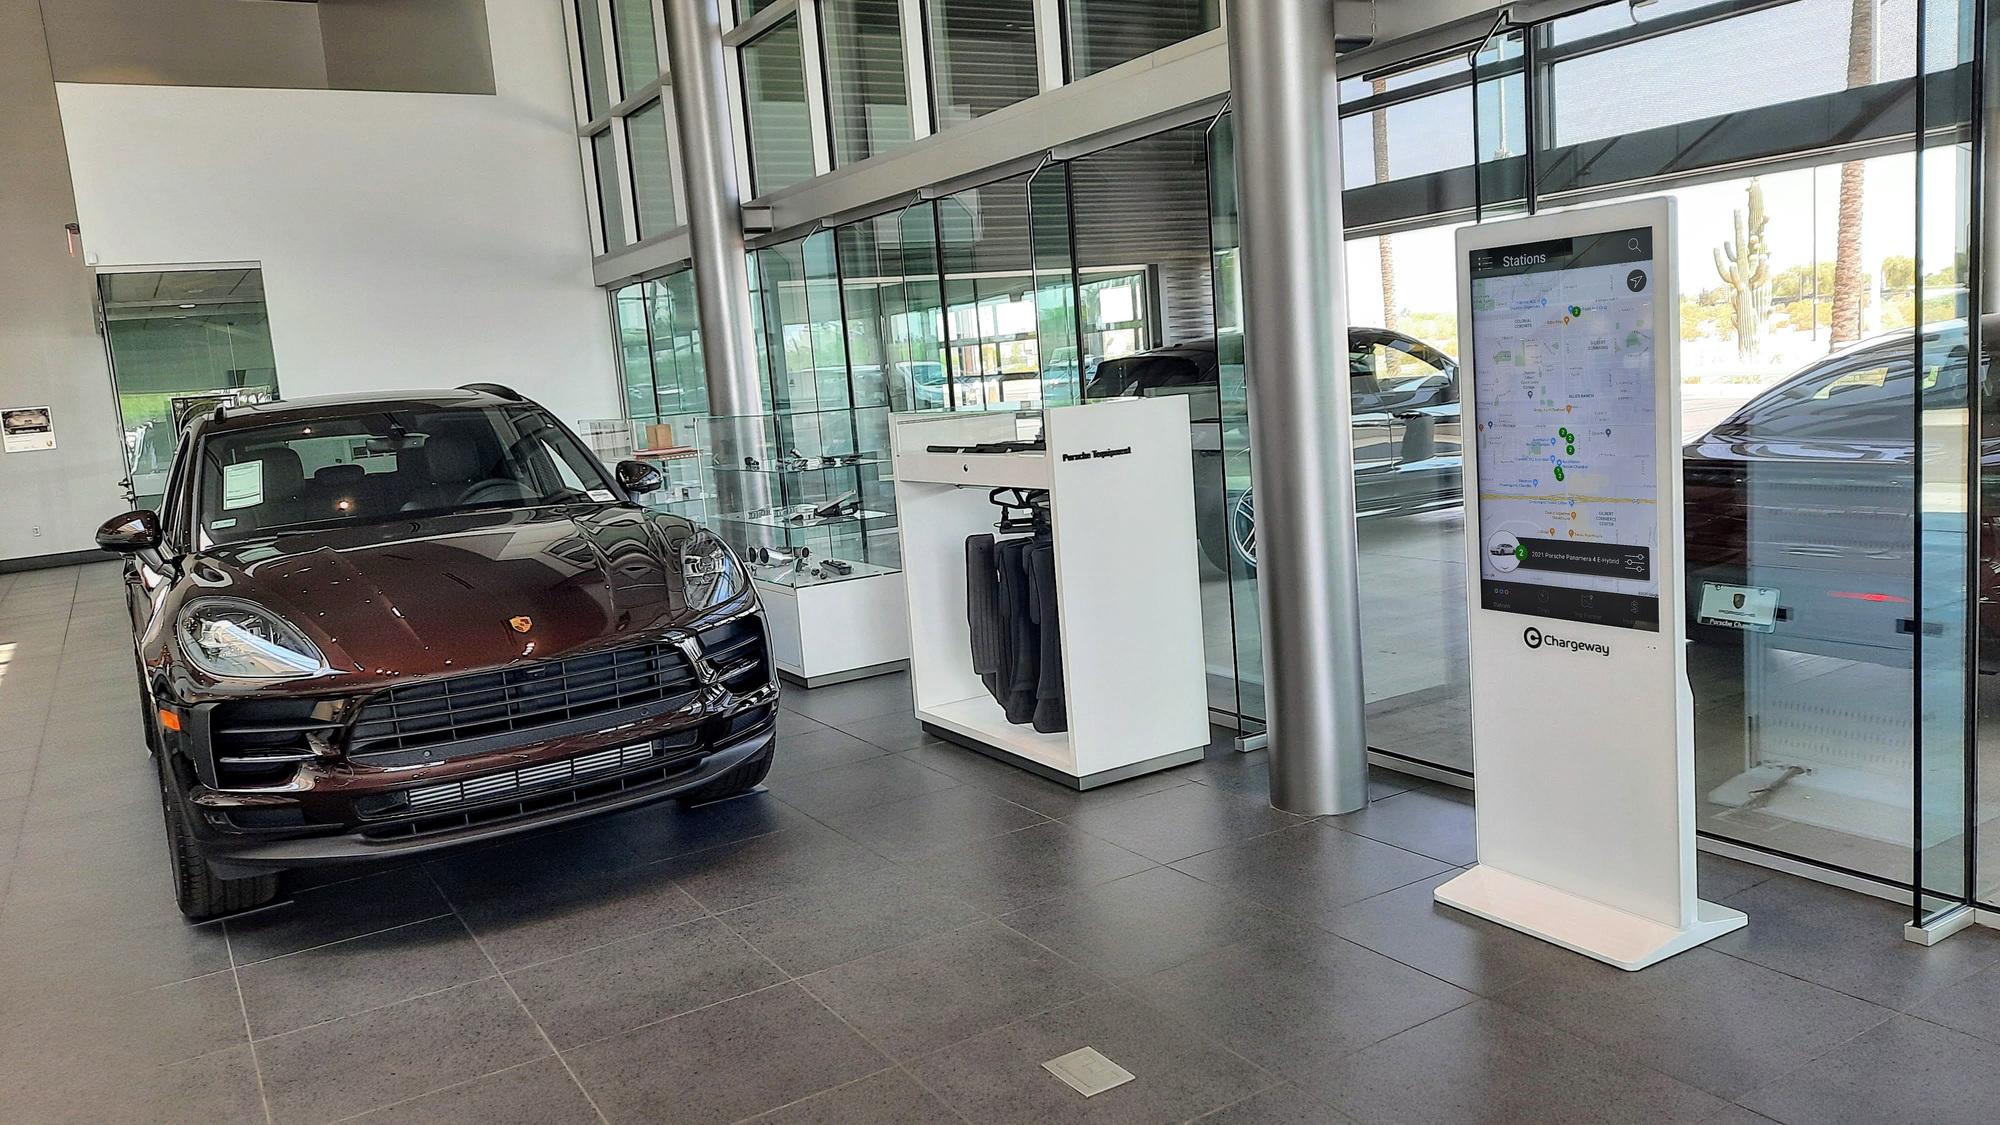 Porsche Cayenne plug-in hybrid with Chargeway Beacon  -  Porsche Chandler, Chandler AZ